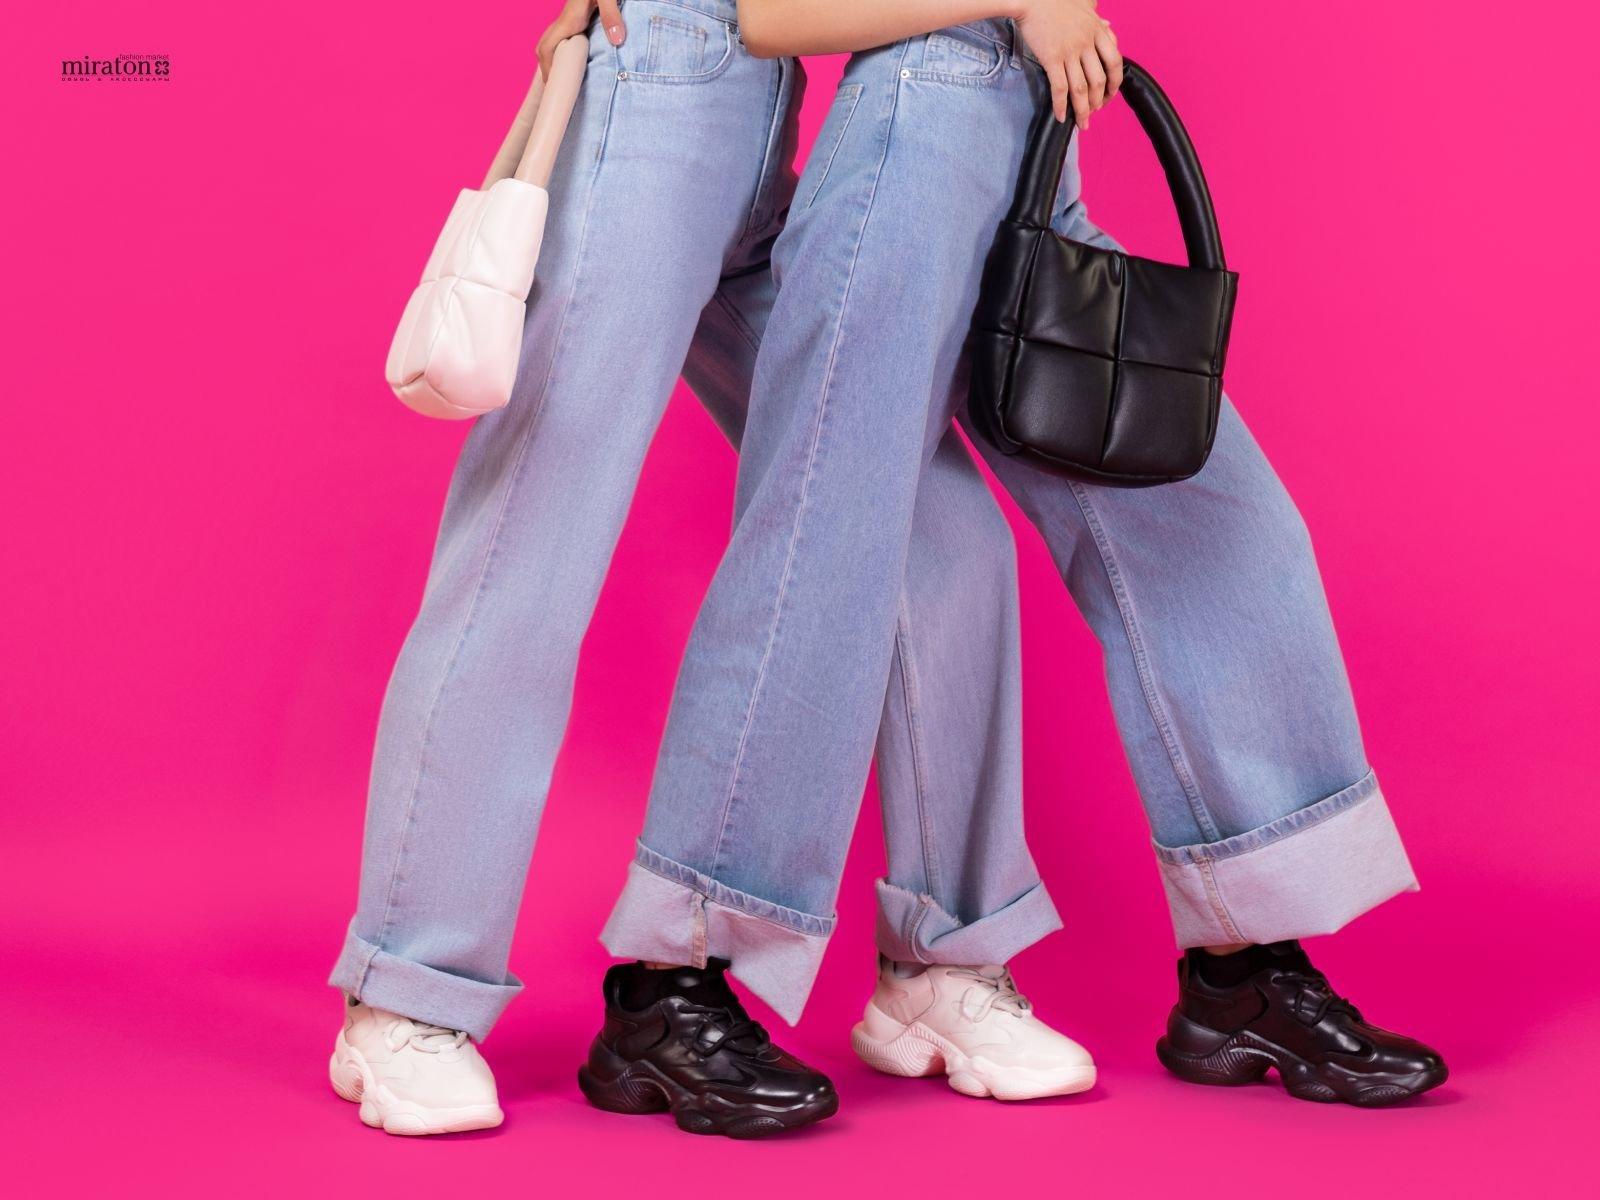 Модная обувь и сумки для украинских fashionista